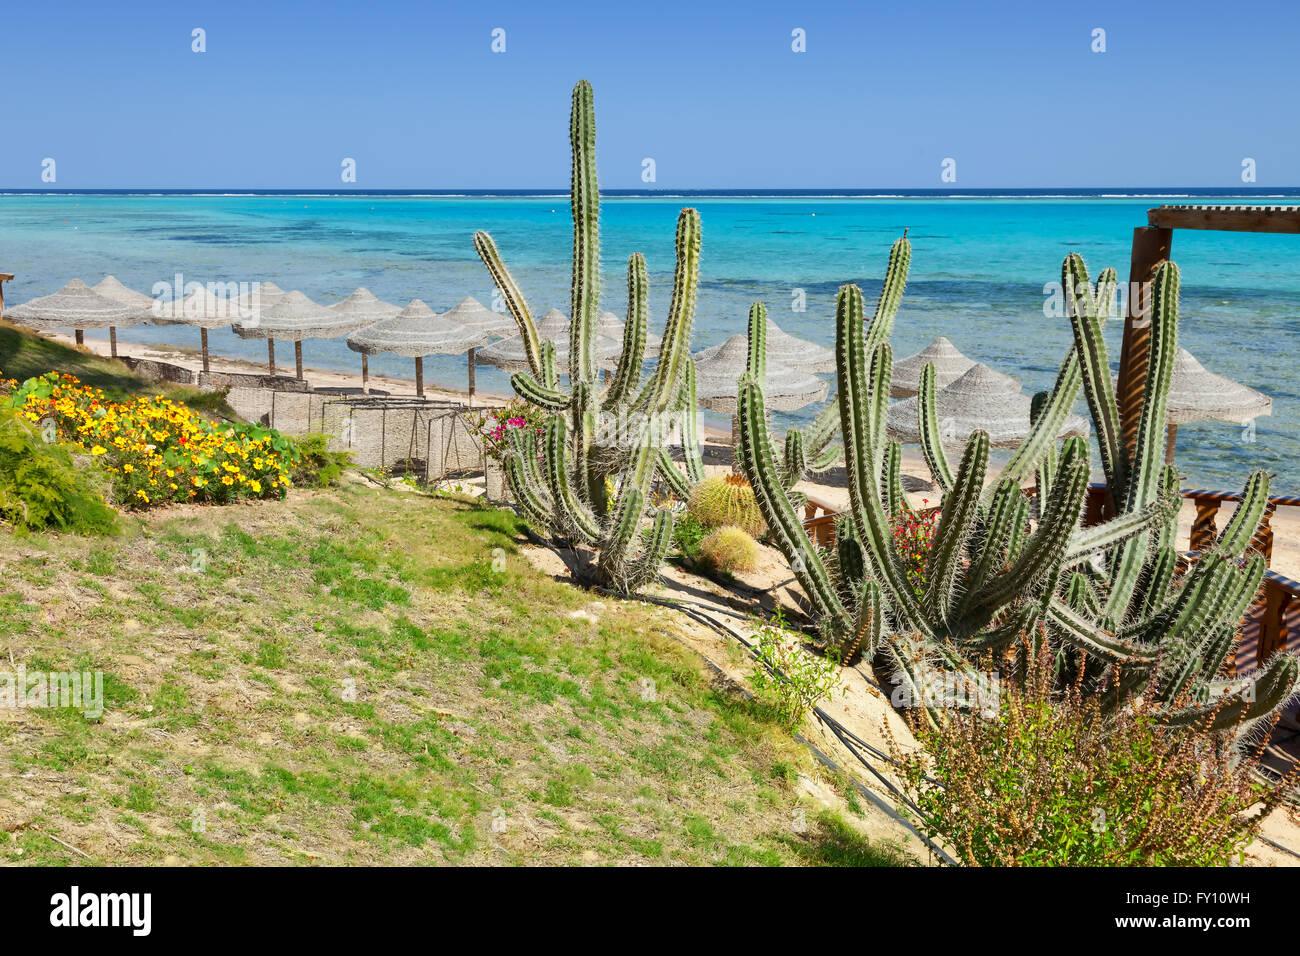 Strand und Meer in Marsa Alam, Rotes Meer, Ägypten Stockbild